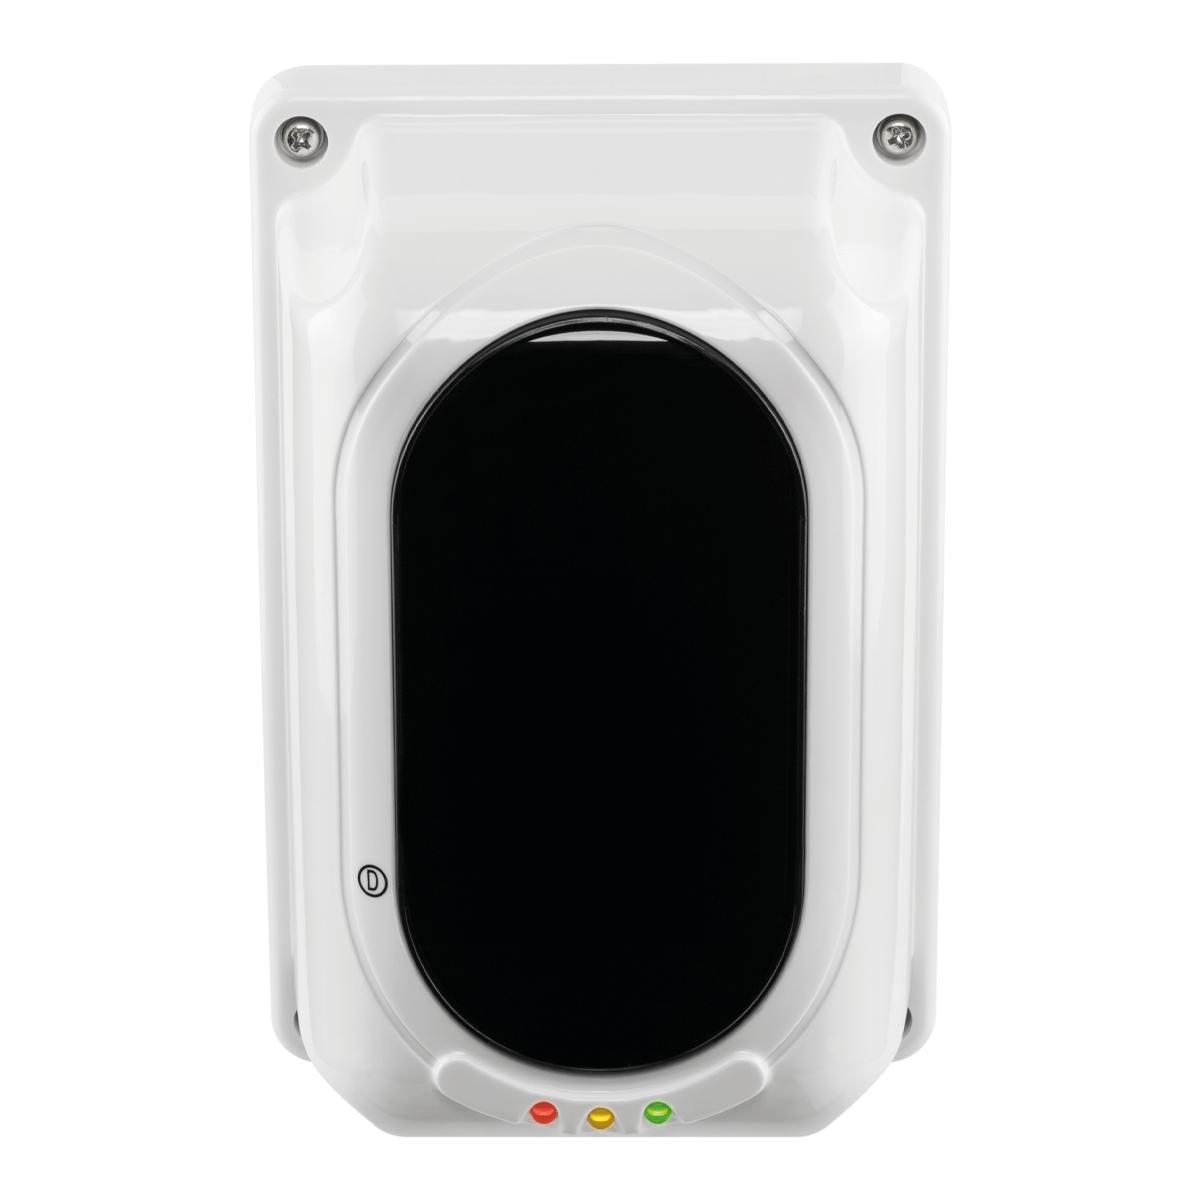 Detector de Fumaça Linear Intelbras DFL 3102